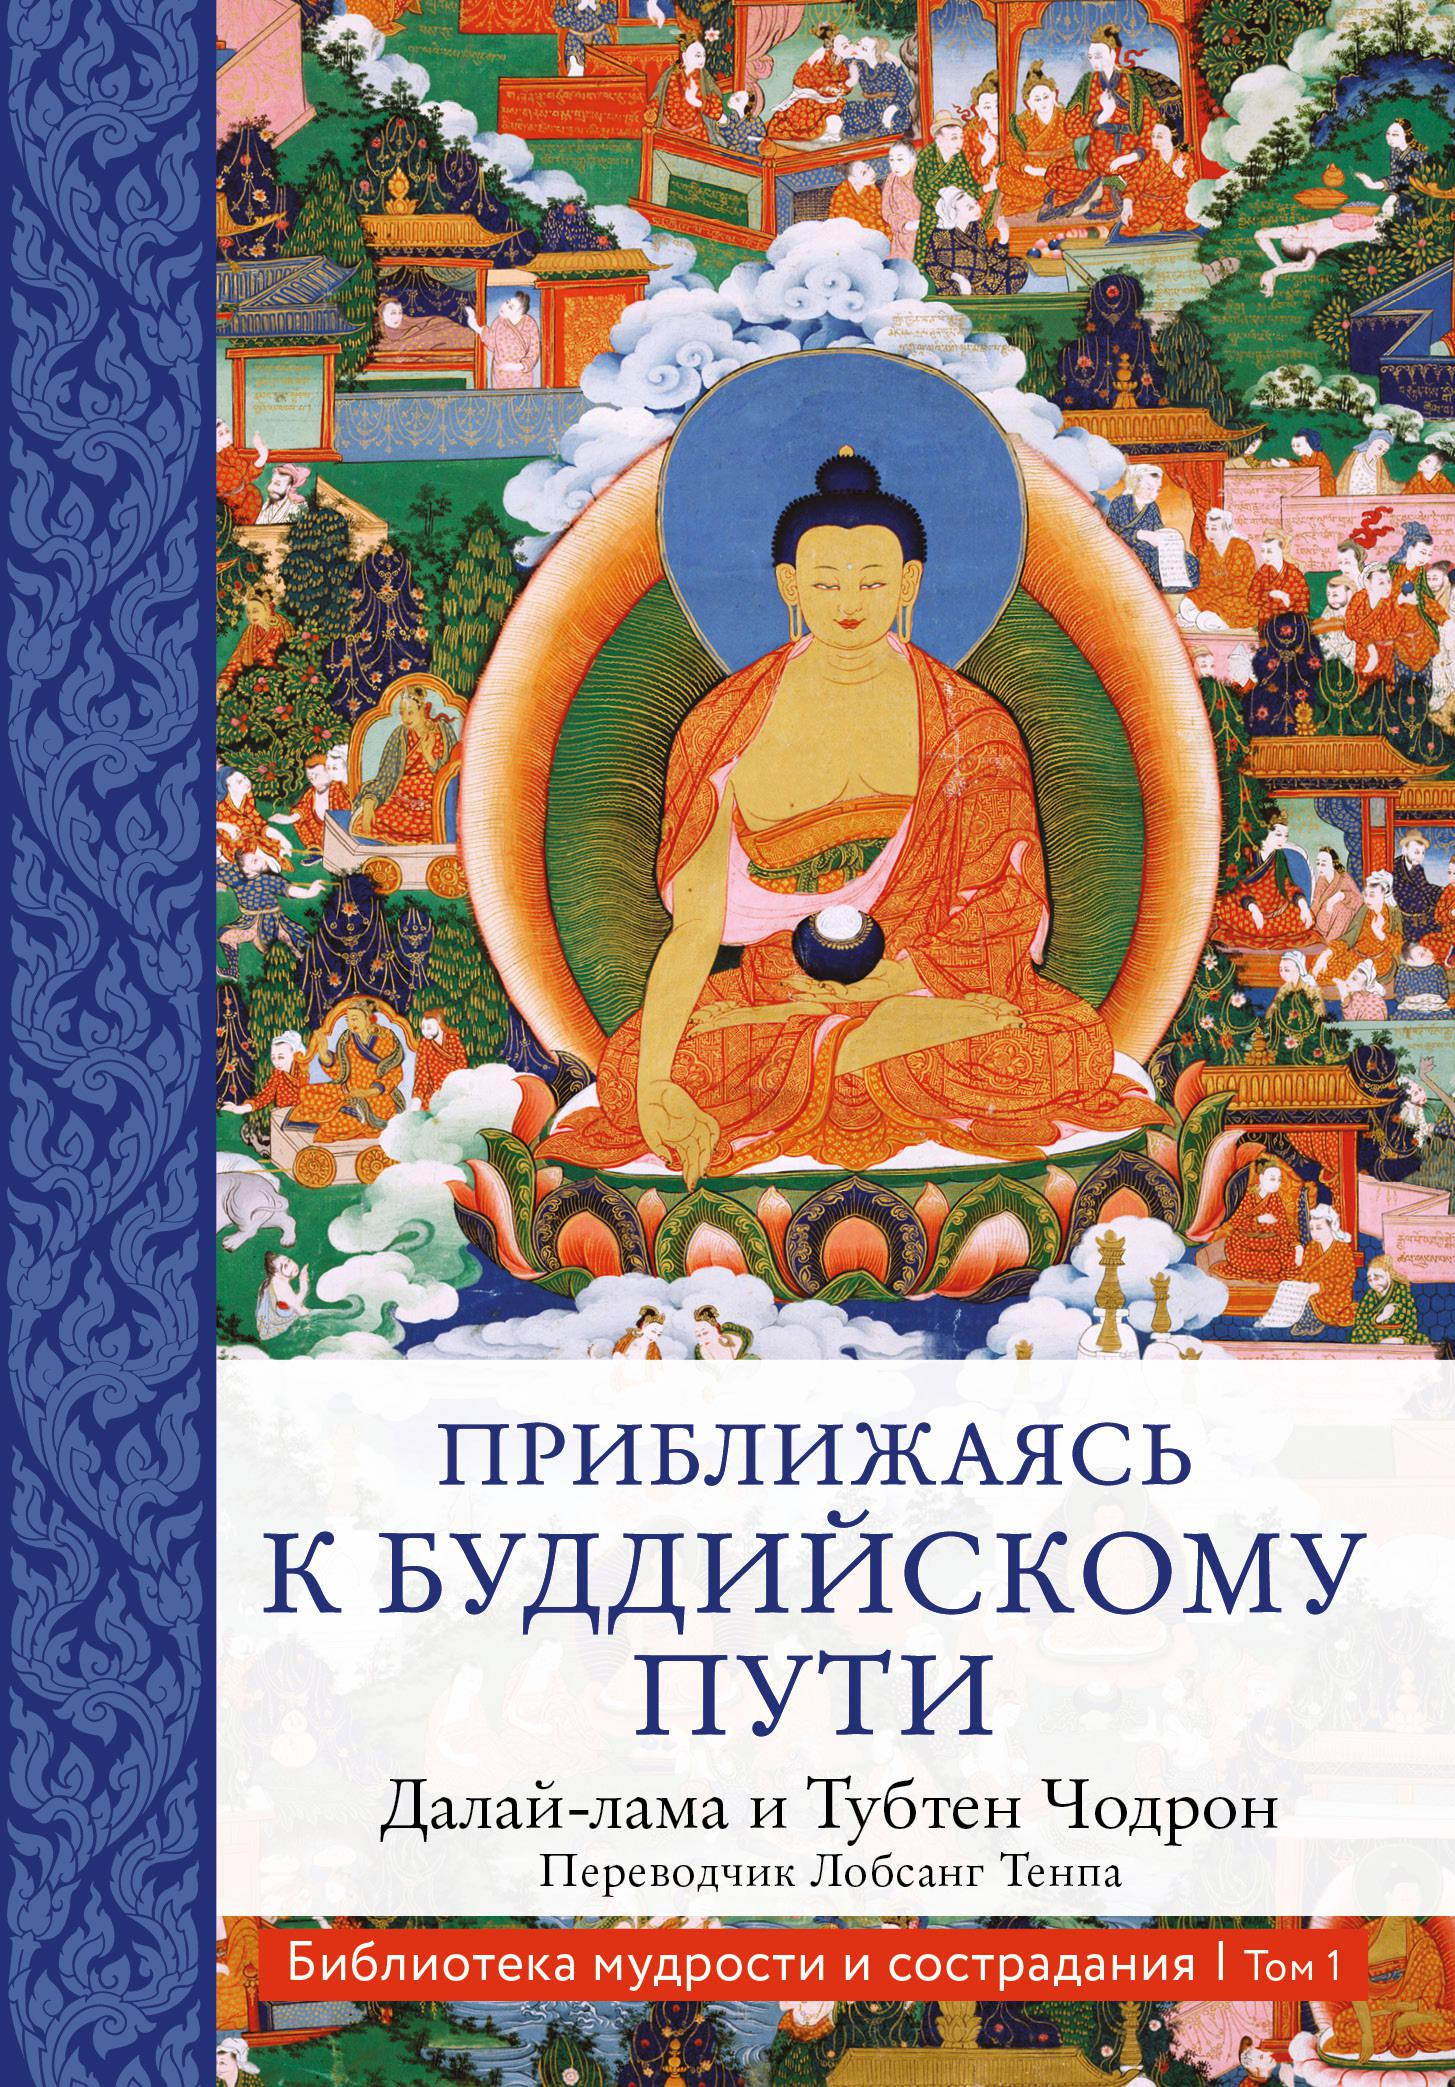 Приближаясь к буддийскому пути